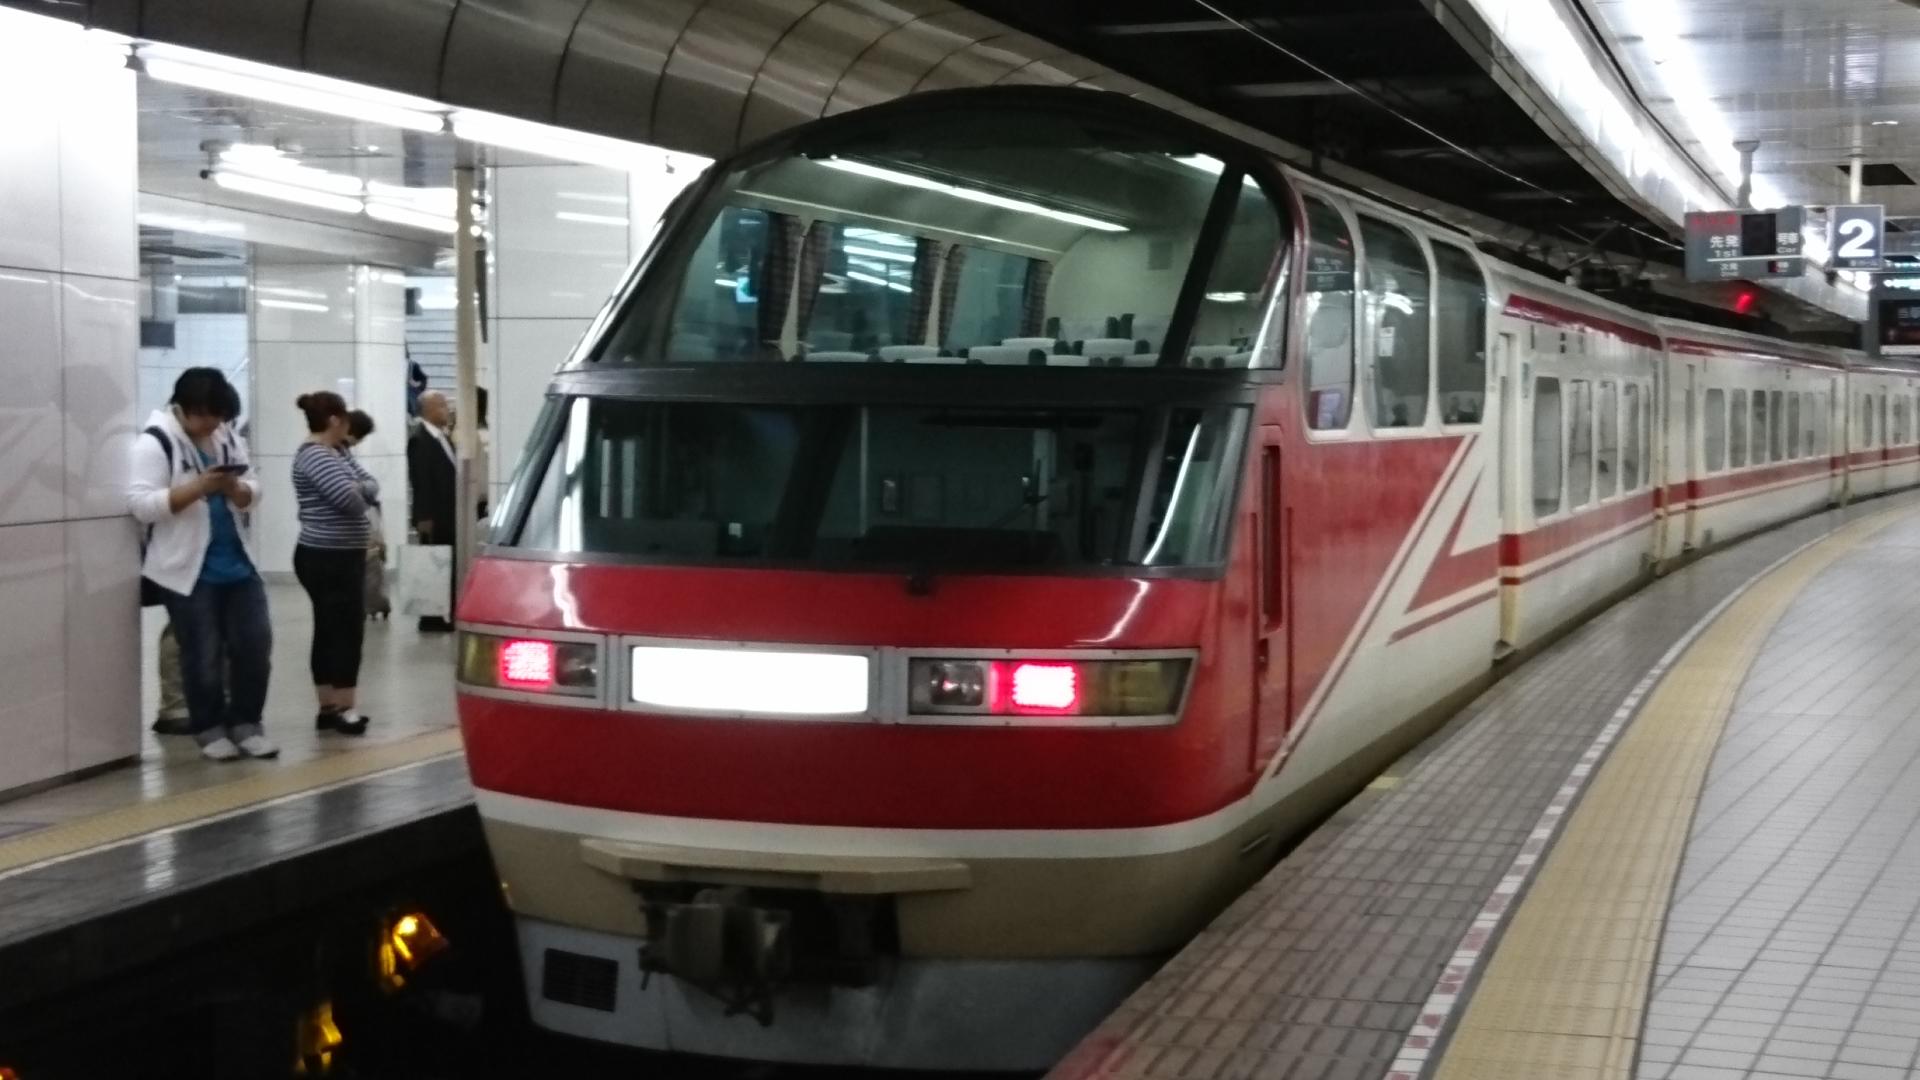 2016.10.19 西春からのかえり (18) 名古屋 - くだりパノラマスーパー